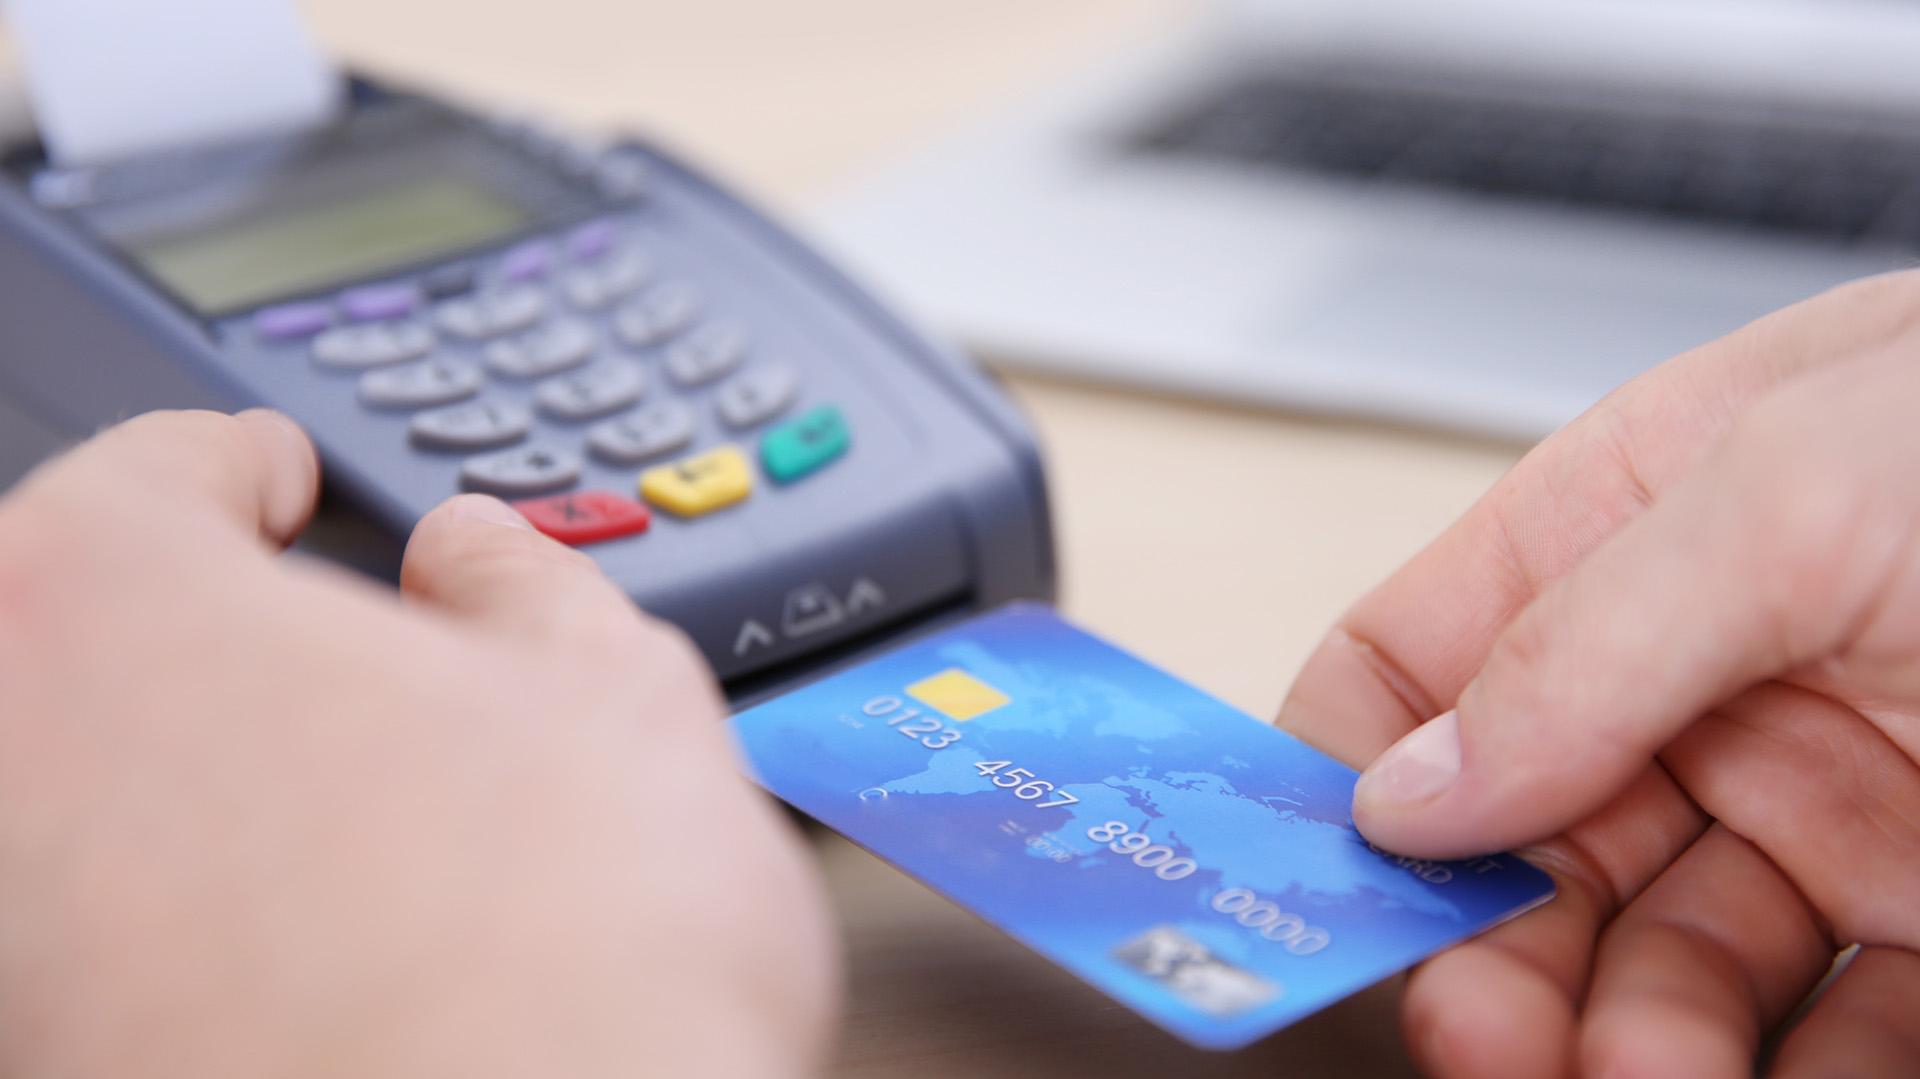 En abril se registraron cancelaciones netas, en términos reales, de las operaciones con tarjeta de crédito (Shutterstock)